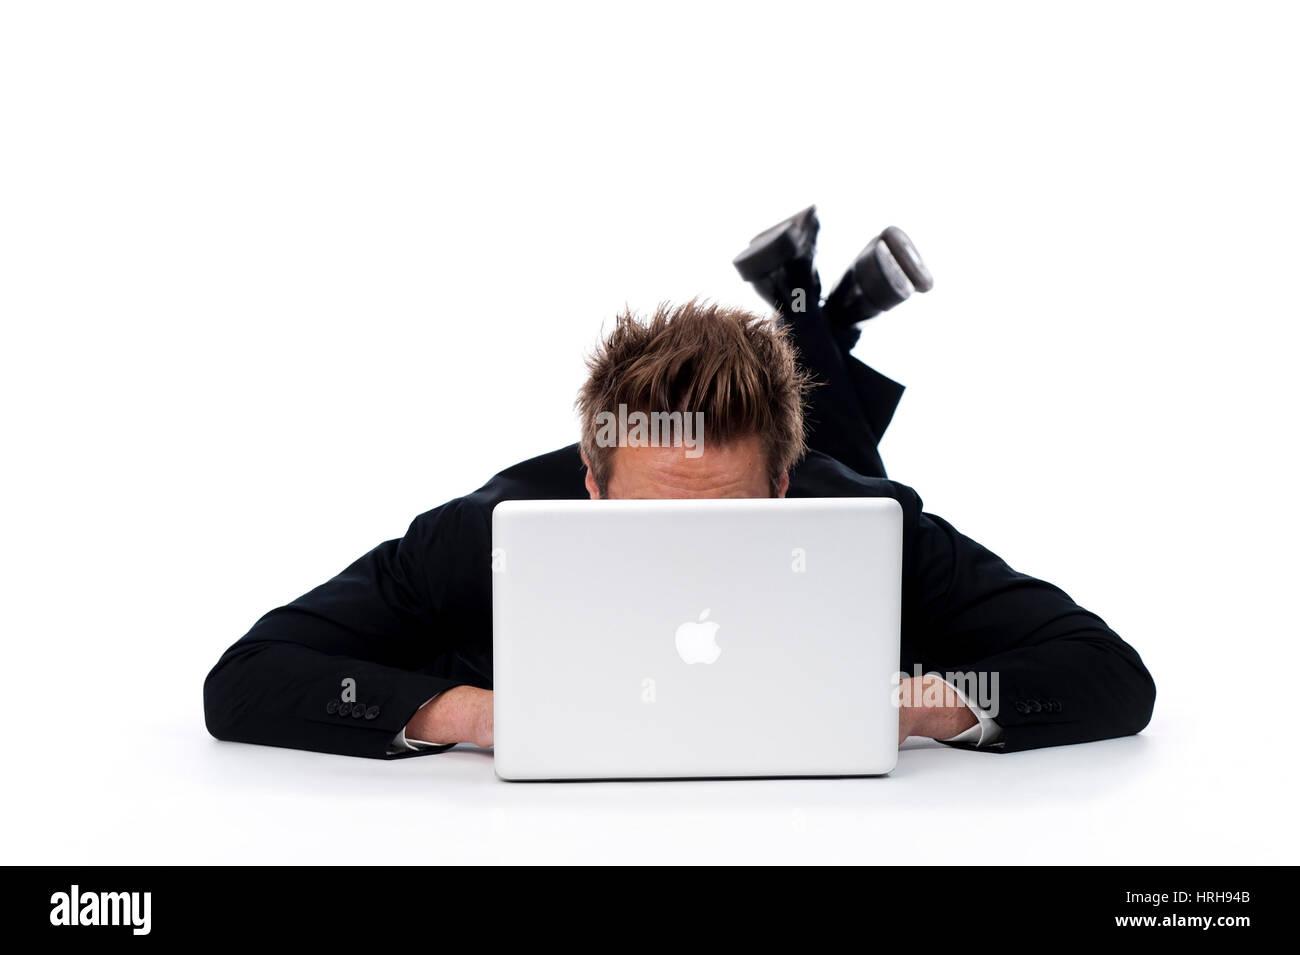 Model released, Geschaeftsmann liegt versteckt hinter Laptop am Boden - businessman behind a laptop - Stock Image